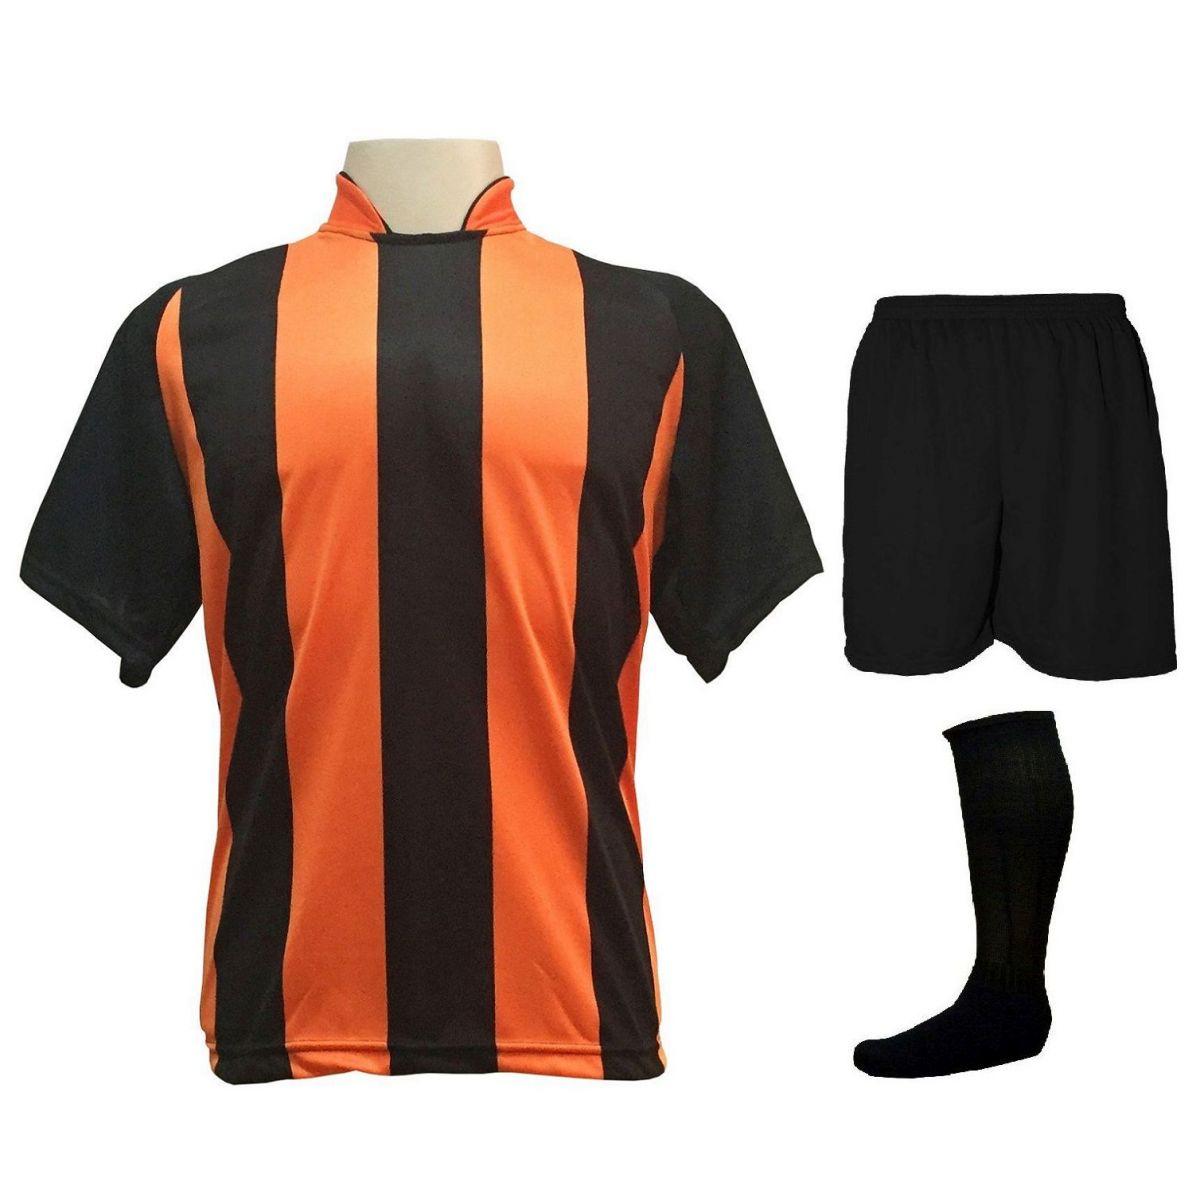 Fardamento Completo modelo Milan 20+1 (20 camisas Preto/Laranja + 20 calções modelo Madrid Preto + 20 pares de meiões Preto + 1 conjunto de goleiro) + Brindes